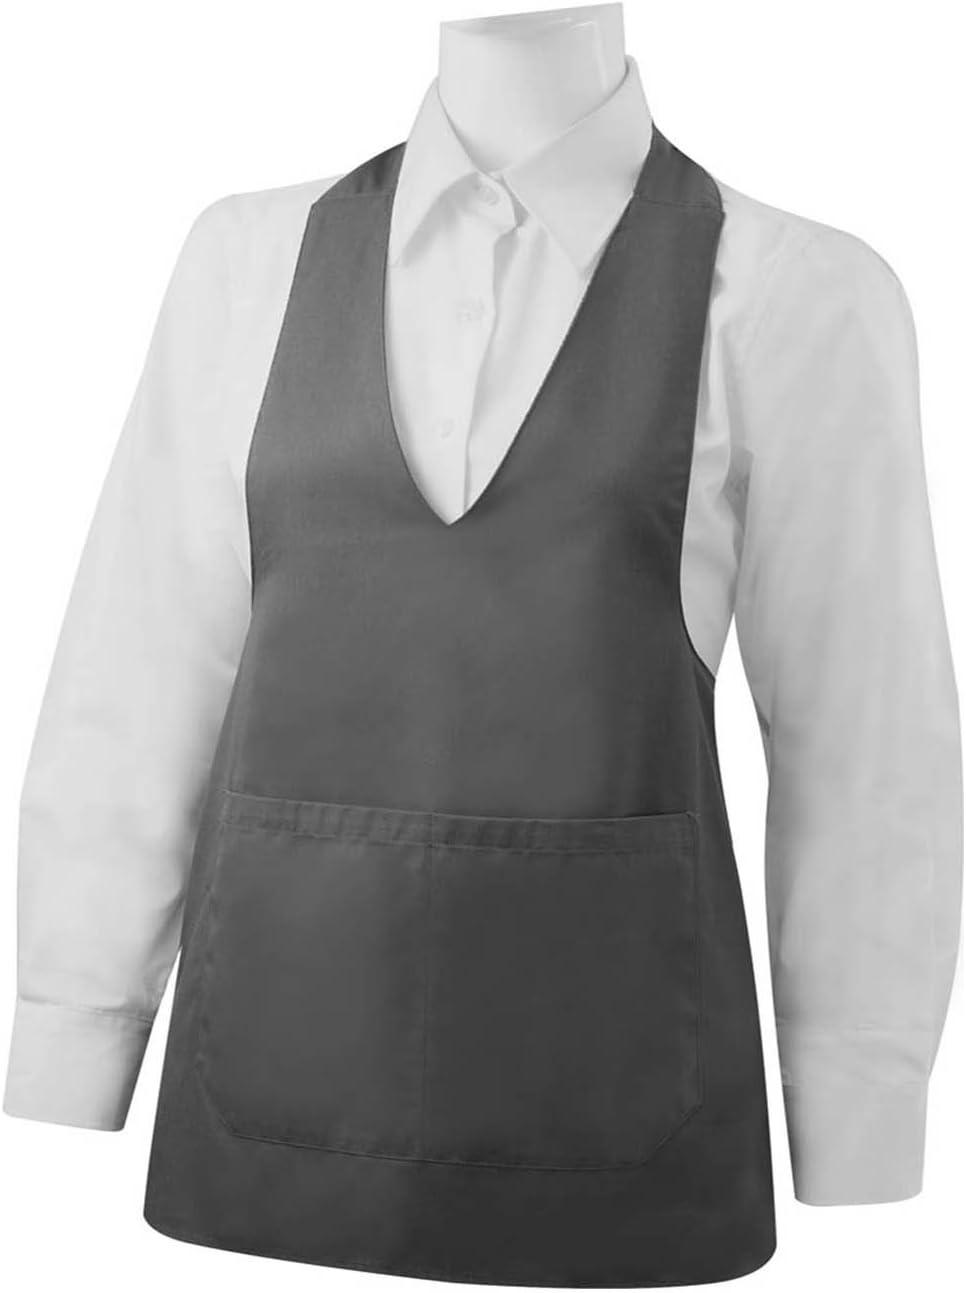 MISEMIYA Ref Reinigungssch/ürze mit Tasche 65 mm x 70 mm Labor-Uniform CLINICA Krankenhausreinigung K/örperpflege 8602 granatrot